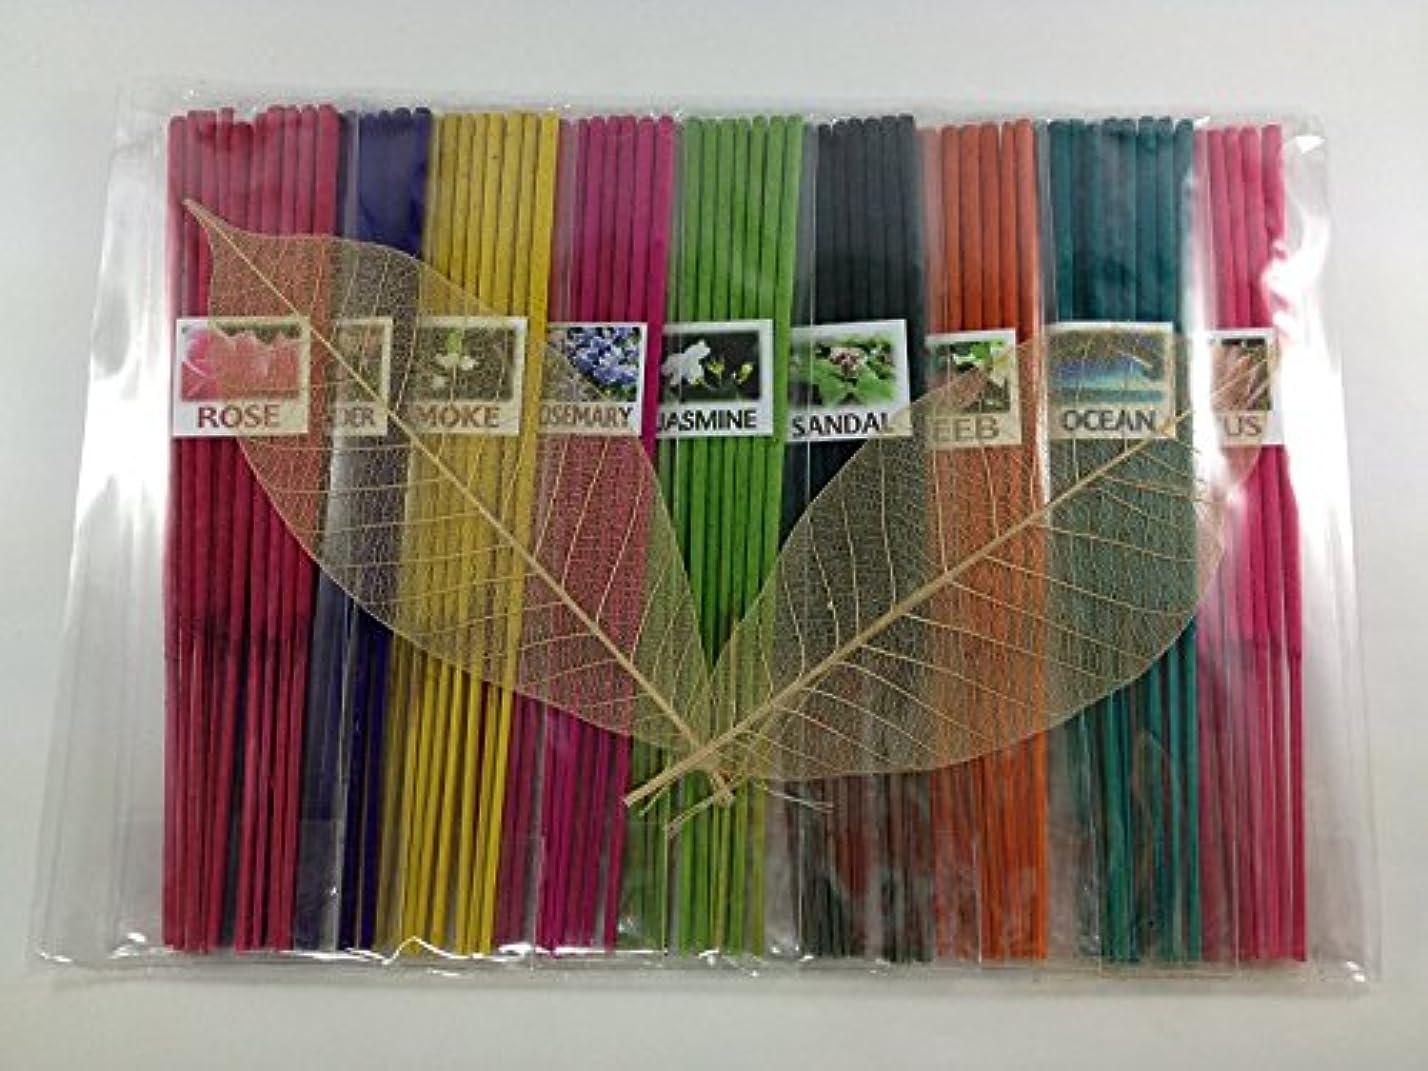 発揮する鳴り響く永久Thai Incense Sticks with 9 Aroma Smell - Moke Rosemary Jasmine Sandal Lotus Ocean Rose Lavender Peeb.